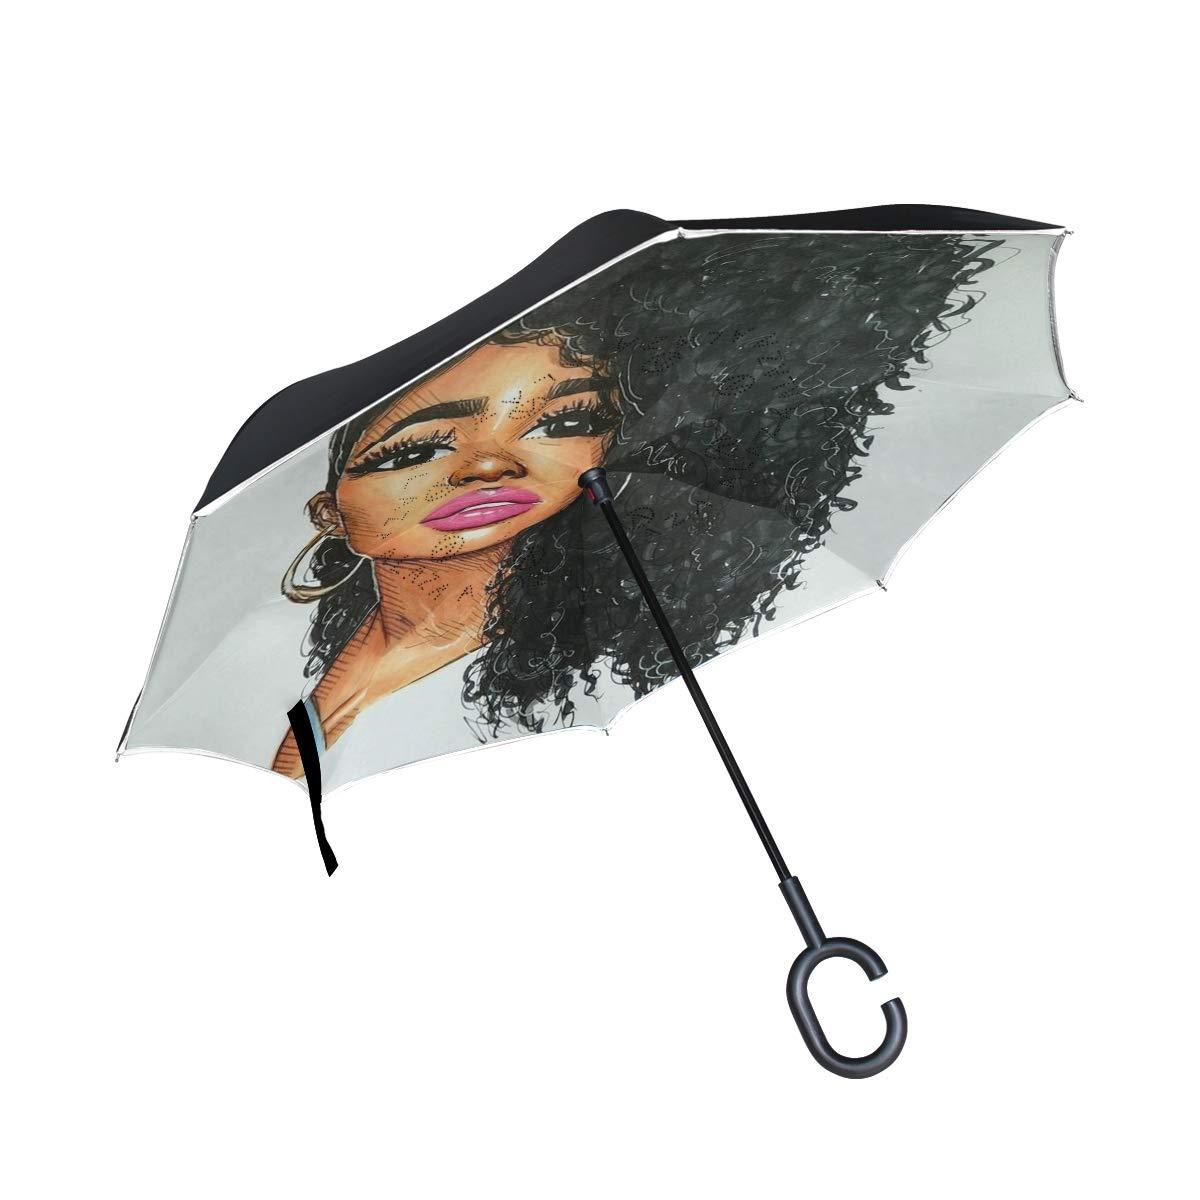 反転傘 ナチュラルアフロ ブラックヘアアート アーティスティックな限定版デザイン 2層 カラフルな雨傘 耐久性 裏返し 防水 防風 防滴   B07GDHKC36